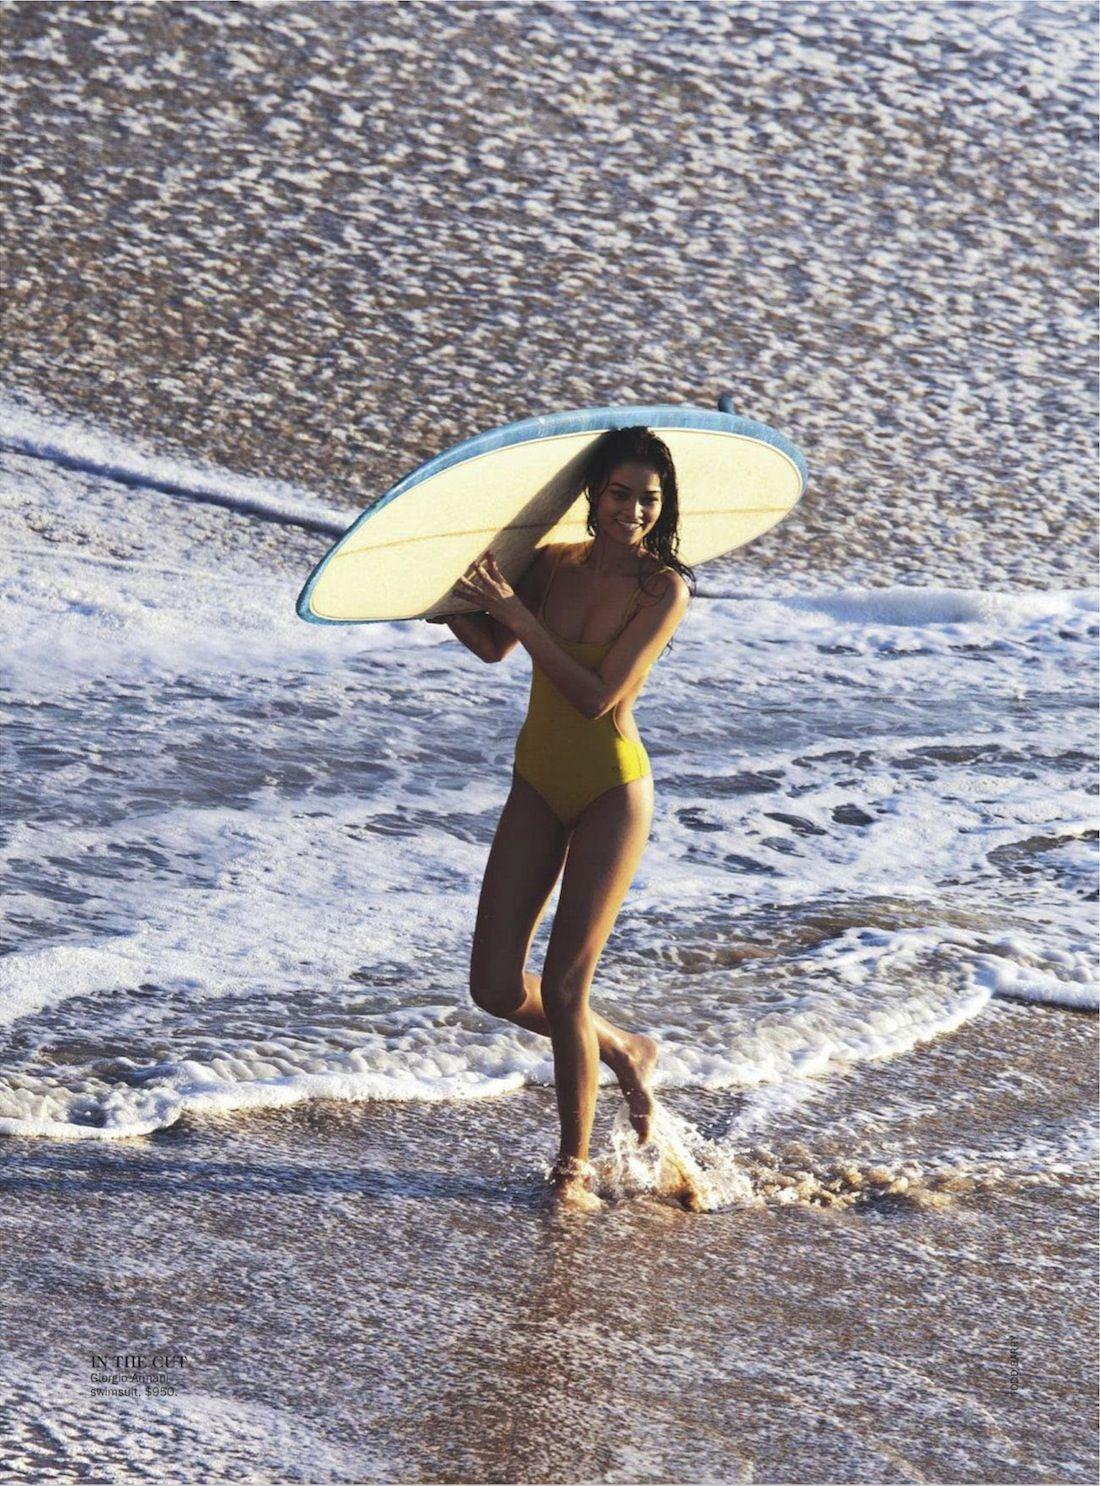 Shanina-Shaik-Todd-Barry-Vogue-Australia-January-2013-5